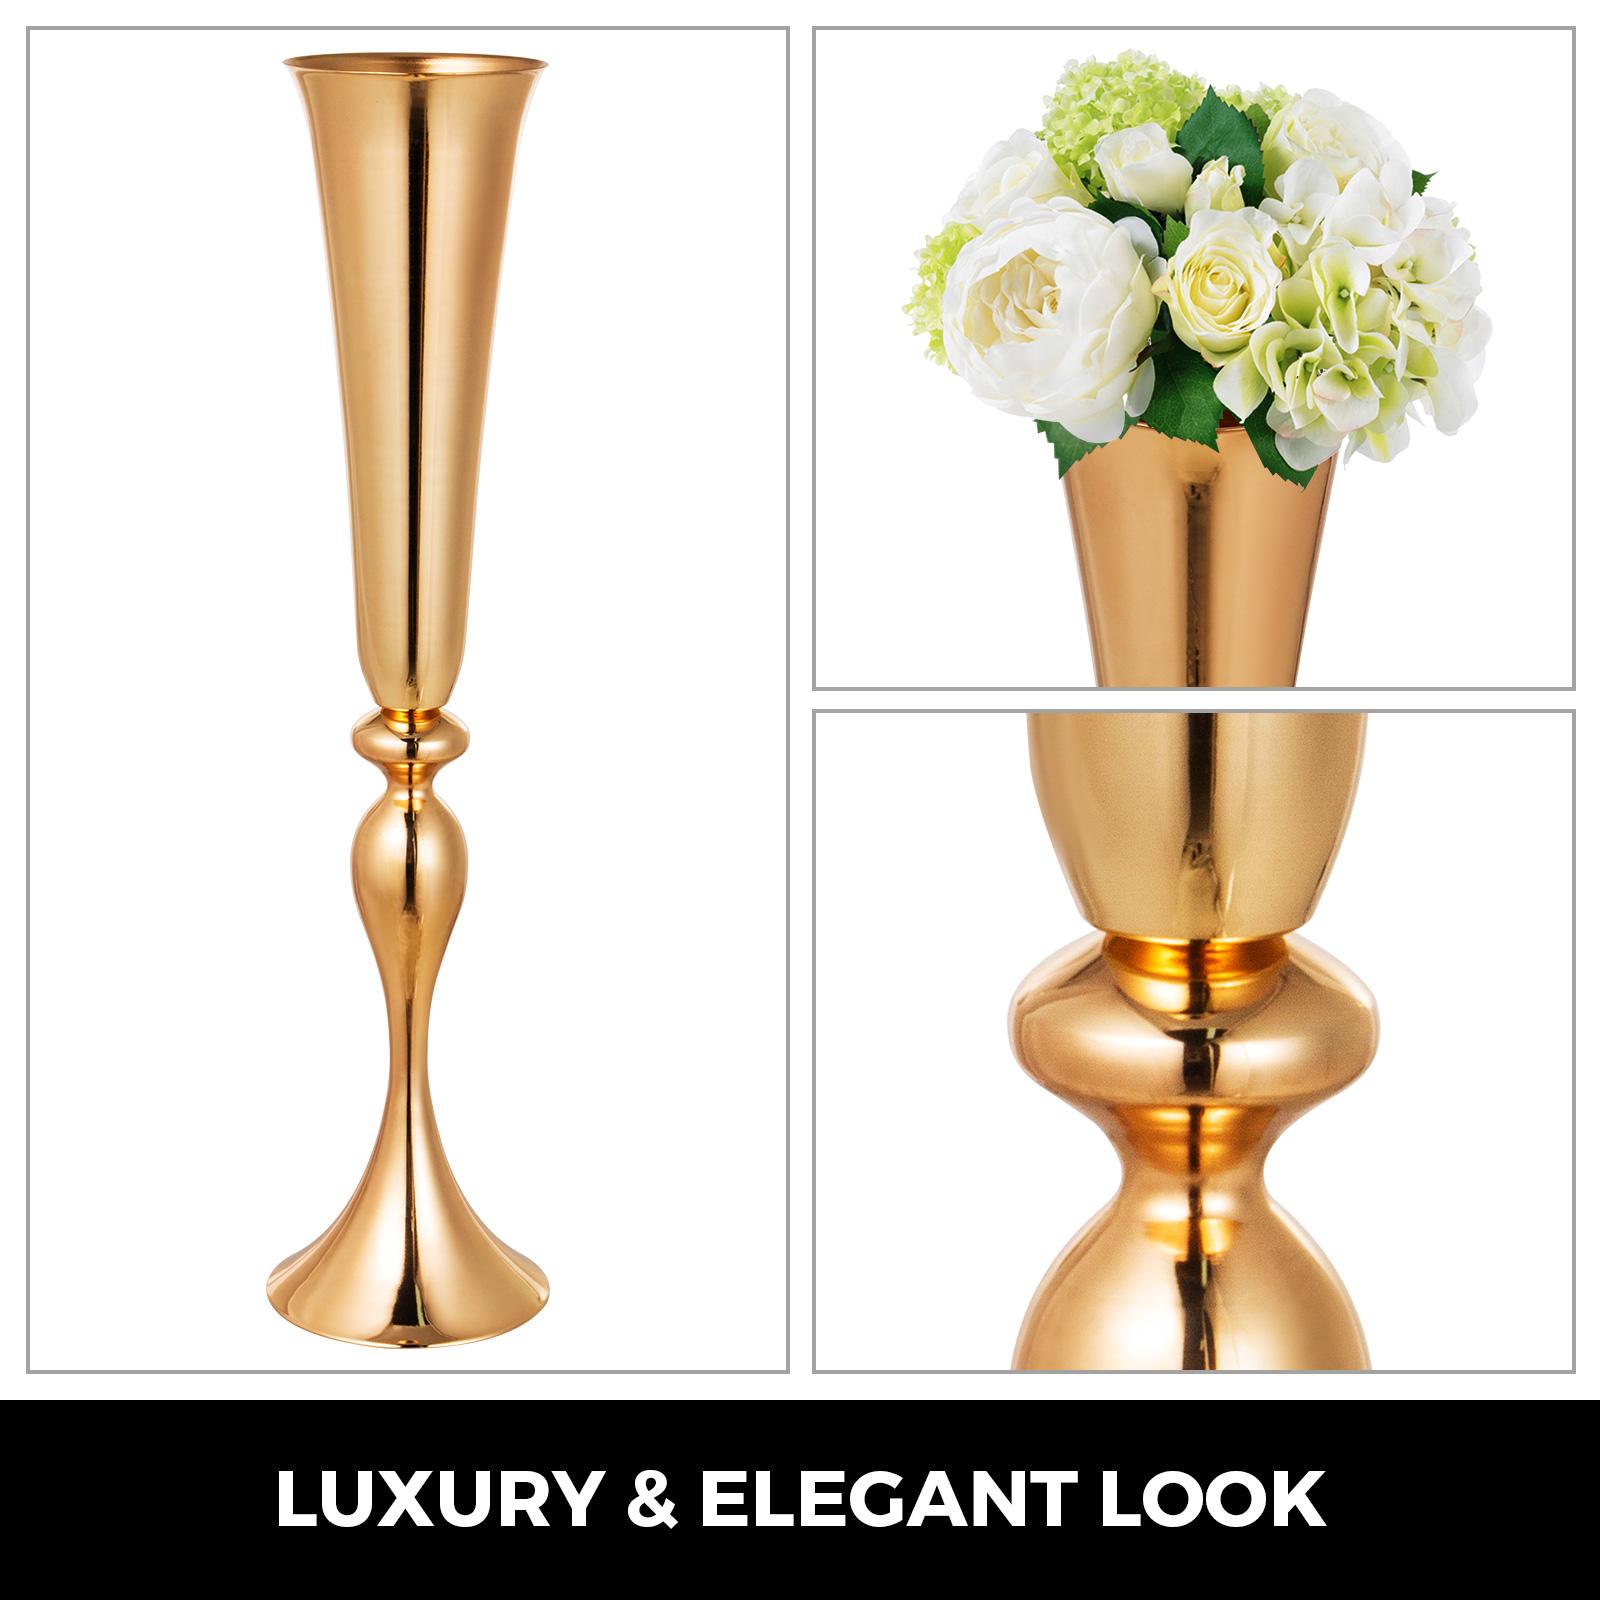 Trumpet-Vase-Flower-Vases-Centerpiece-29-5-034-22-034-for-Party-Celebration-Events thumbnail 15